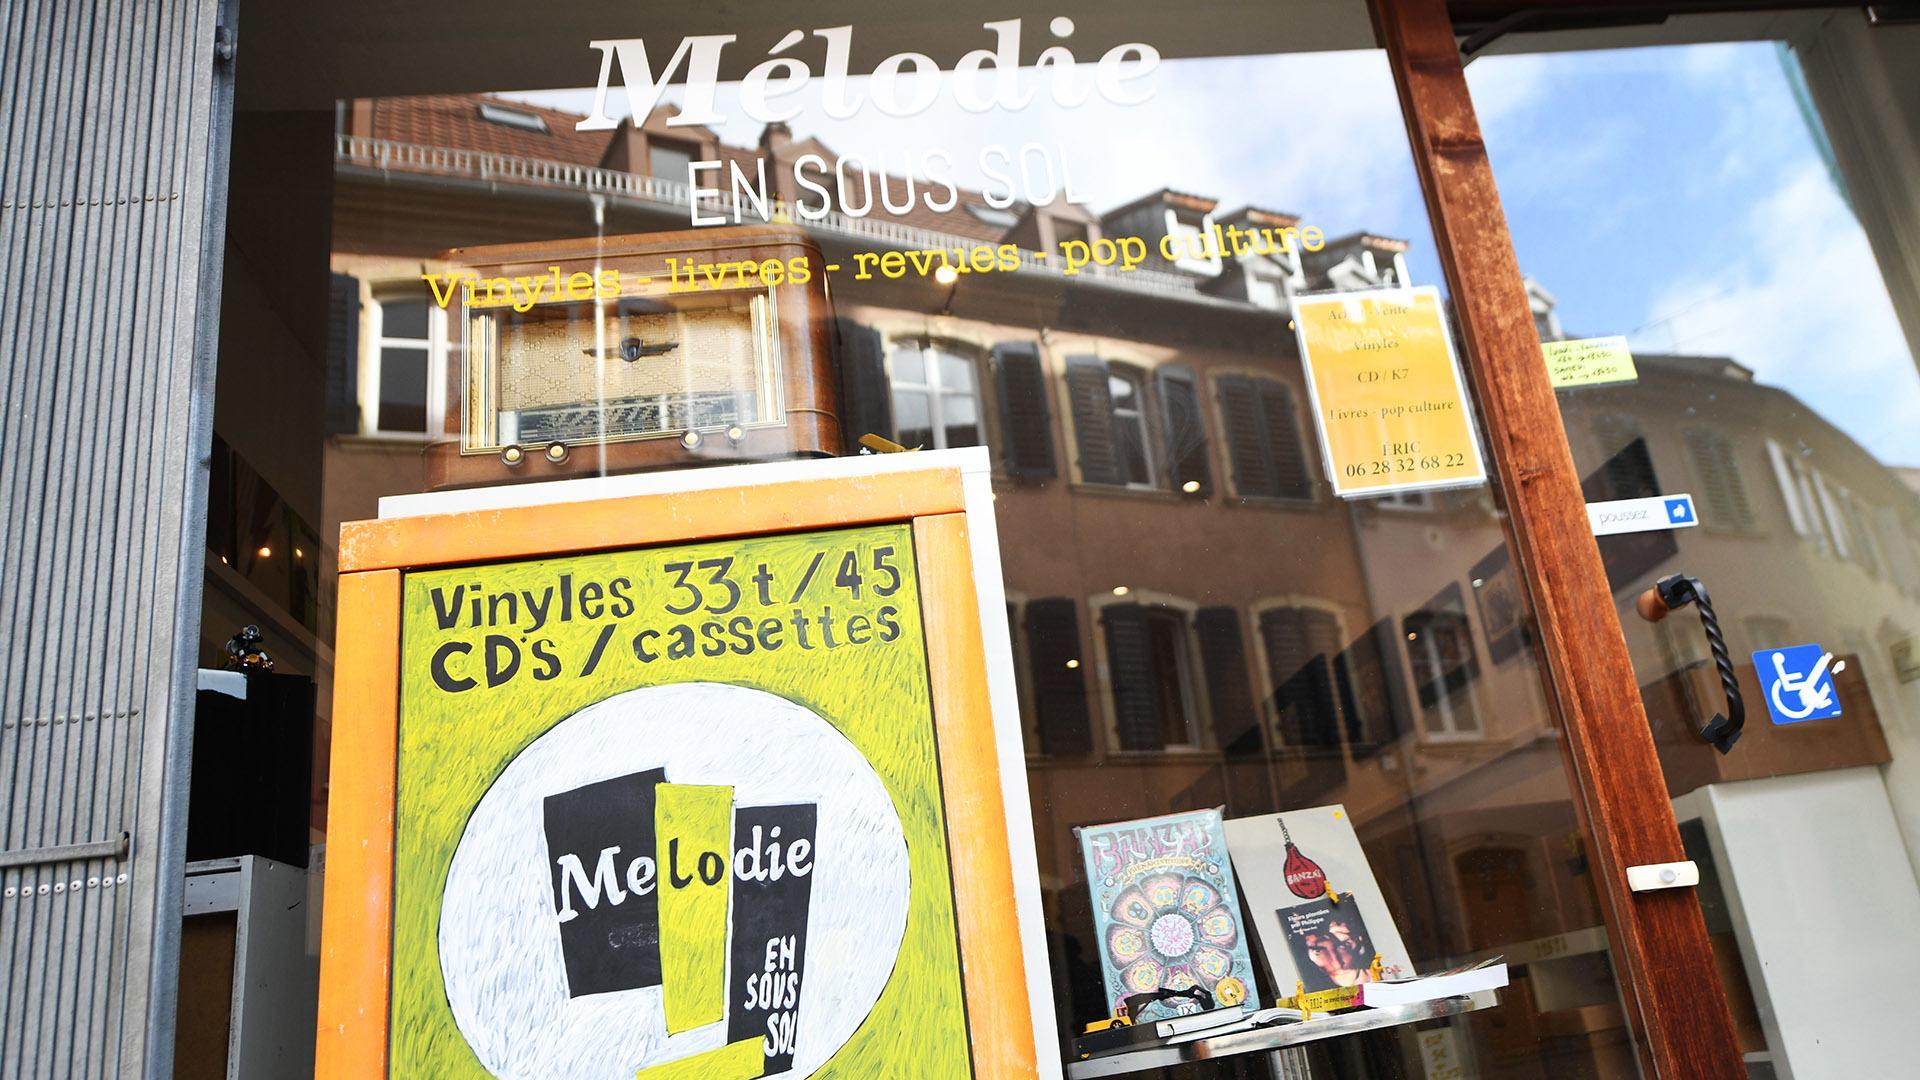 Mélodie en sous-sol le vinyl superstar : la boutique Mélodie en sous-sol